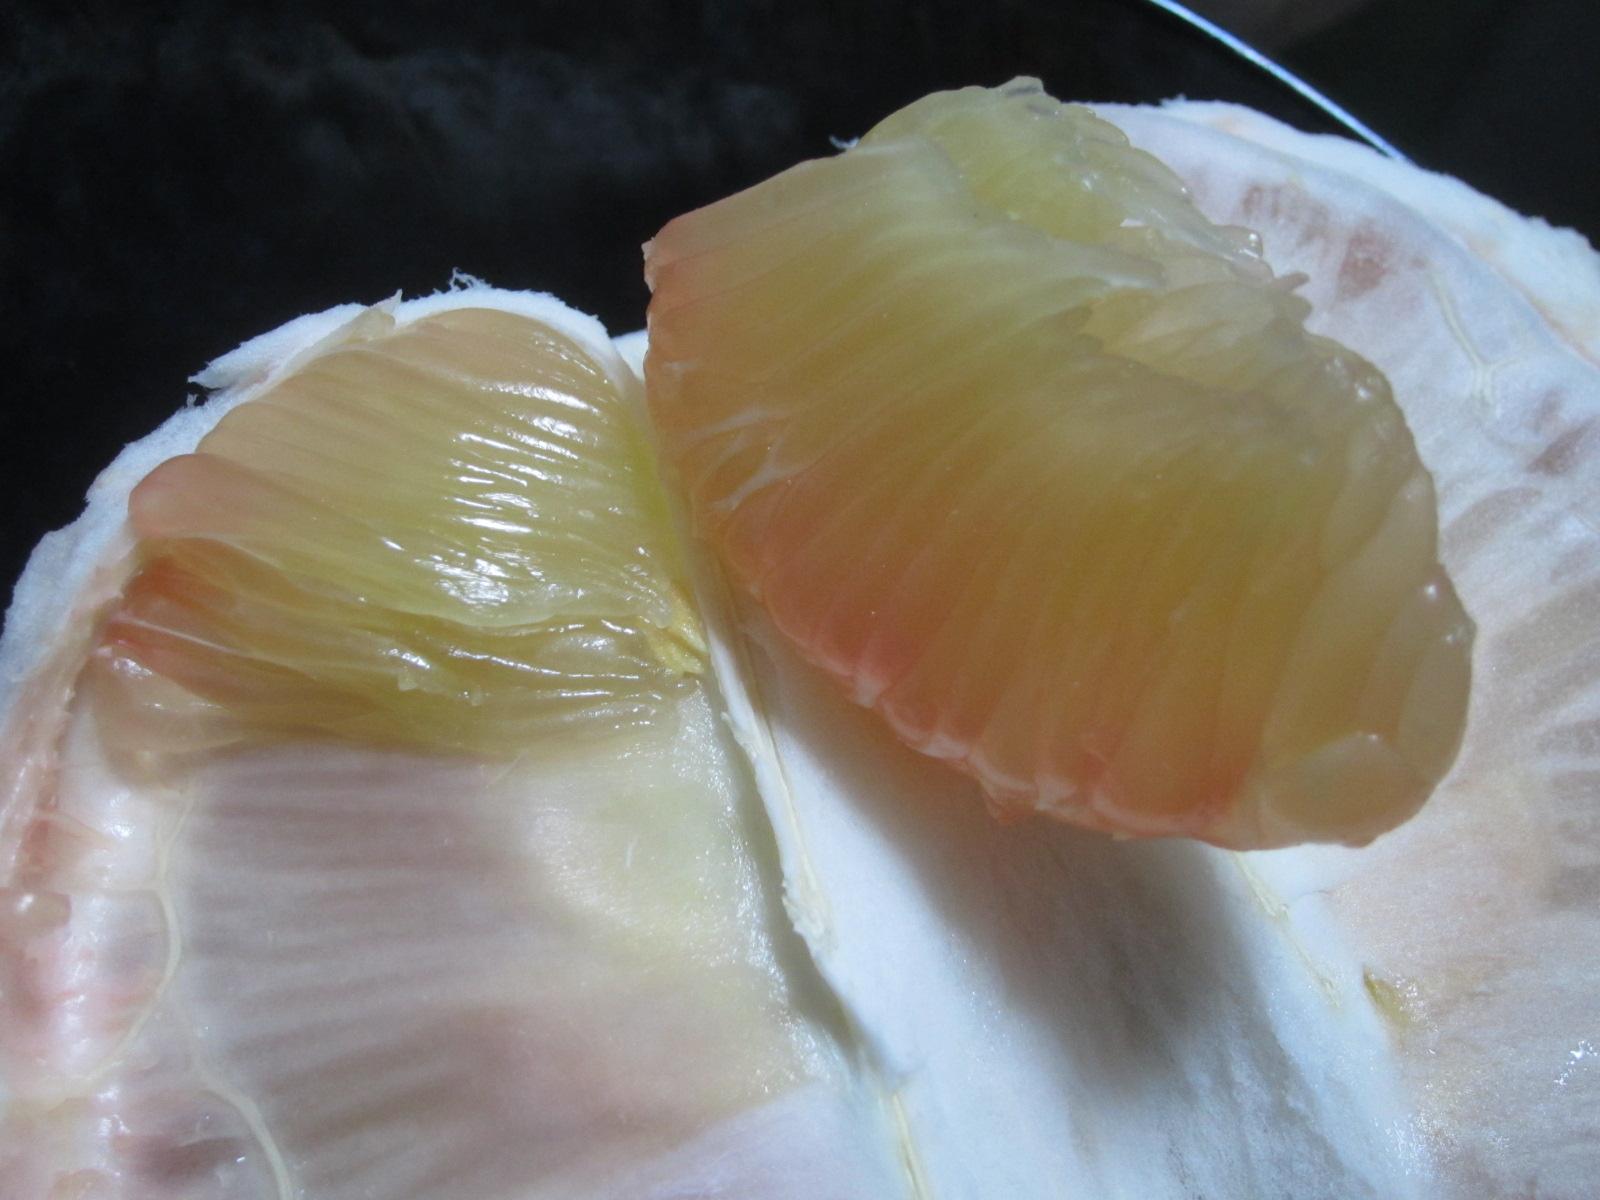 IMG 0094 - 文旦(ぶんたん)とゆー名前の柑橘系フルーツに挑戦